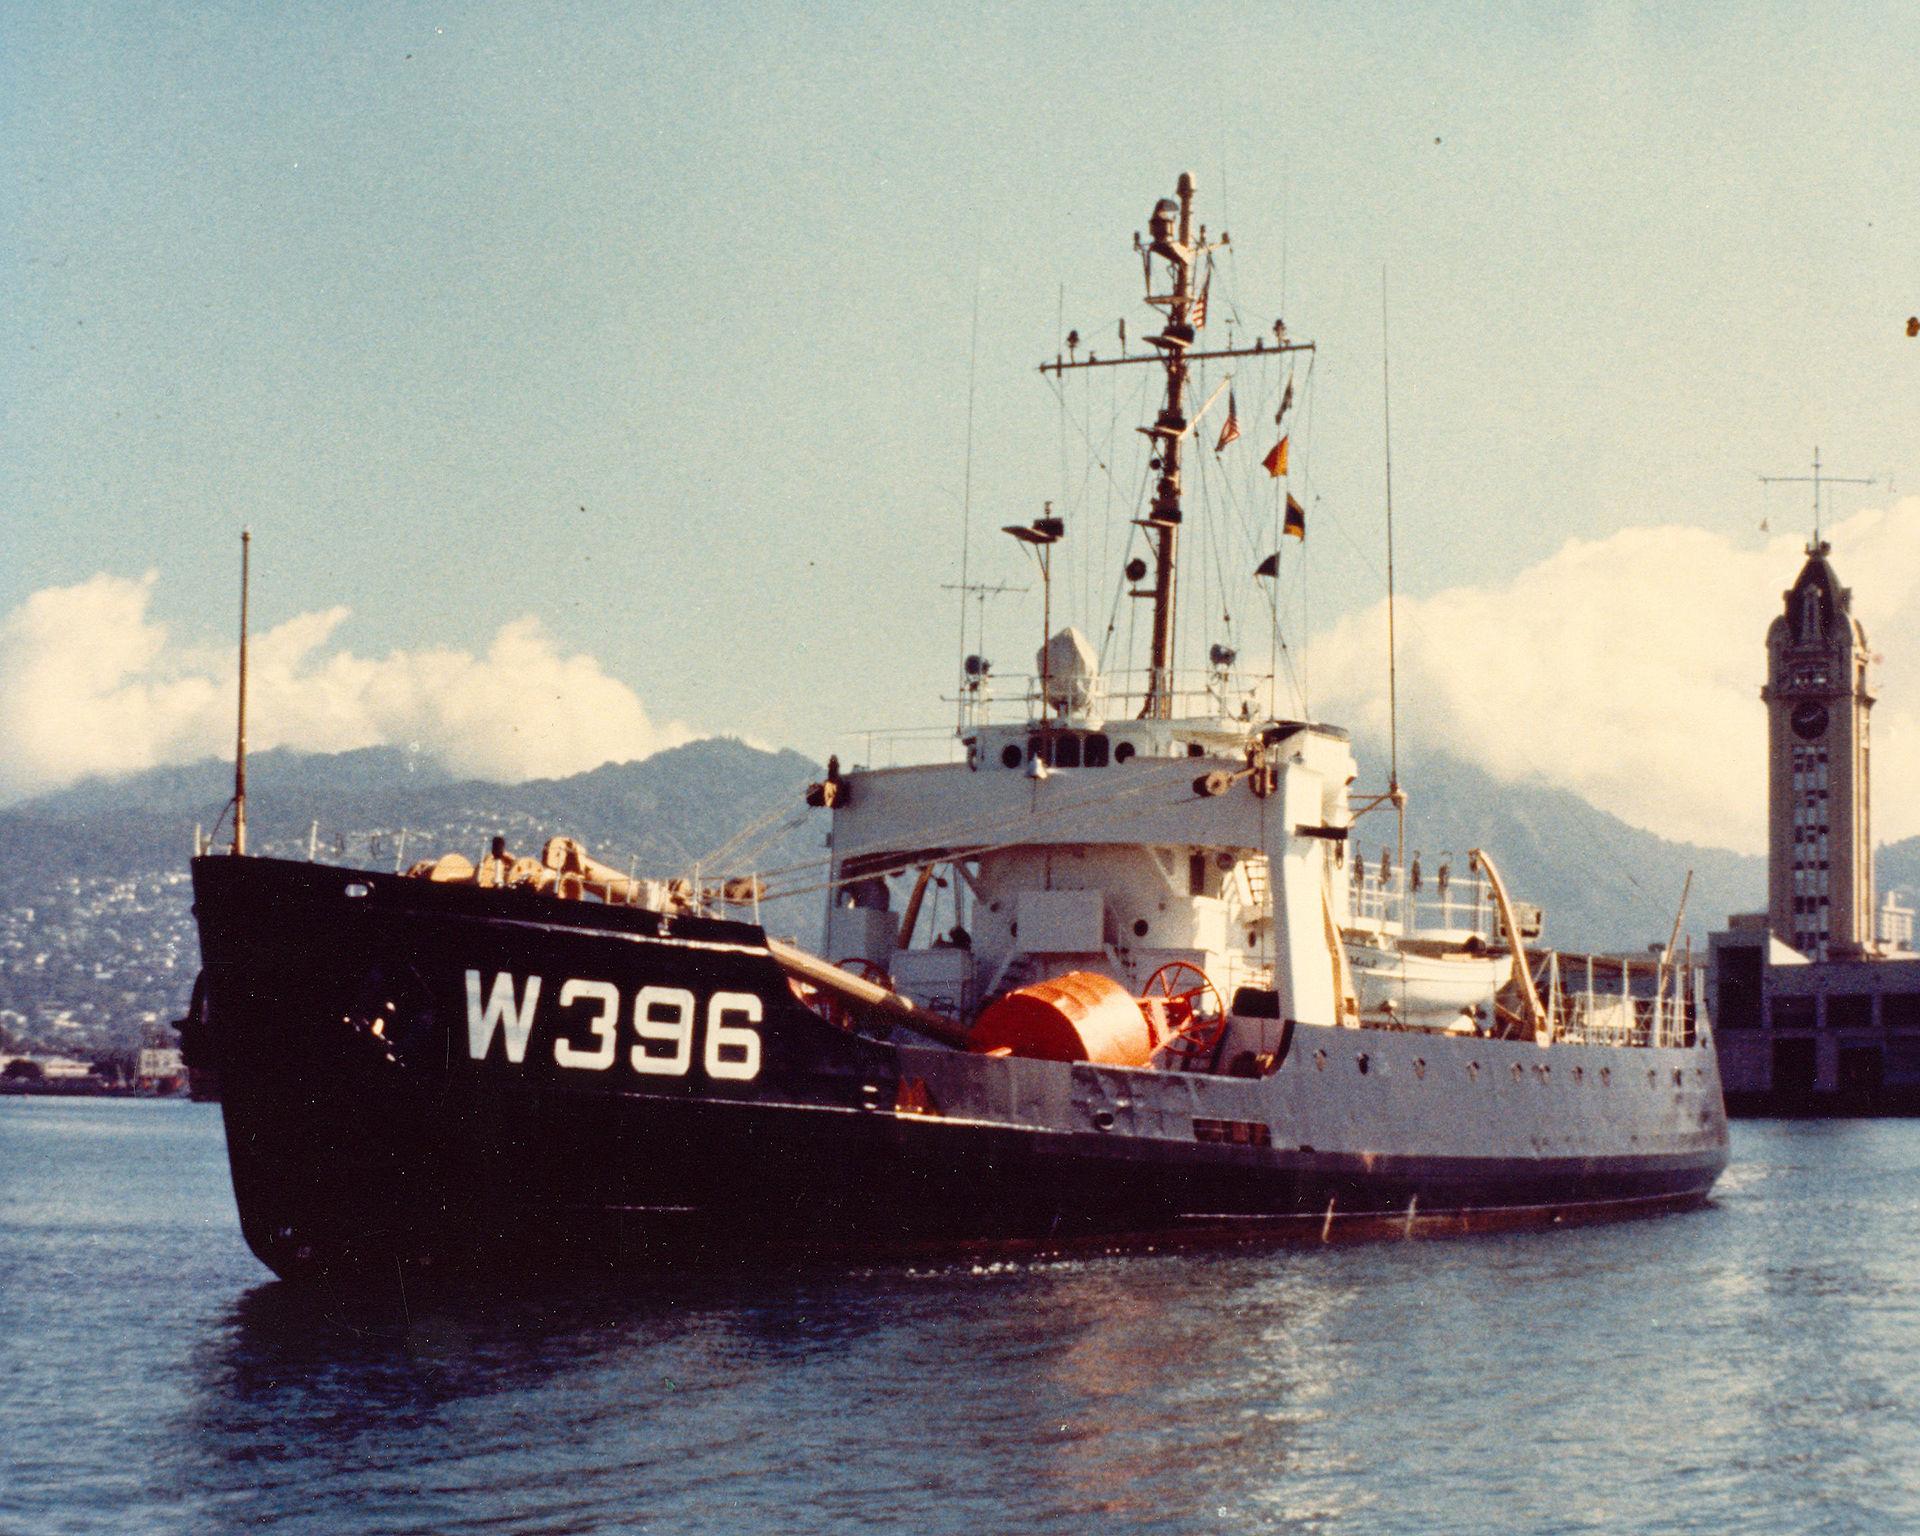 Uscgc Mallow Wlb 396 Wikipedia